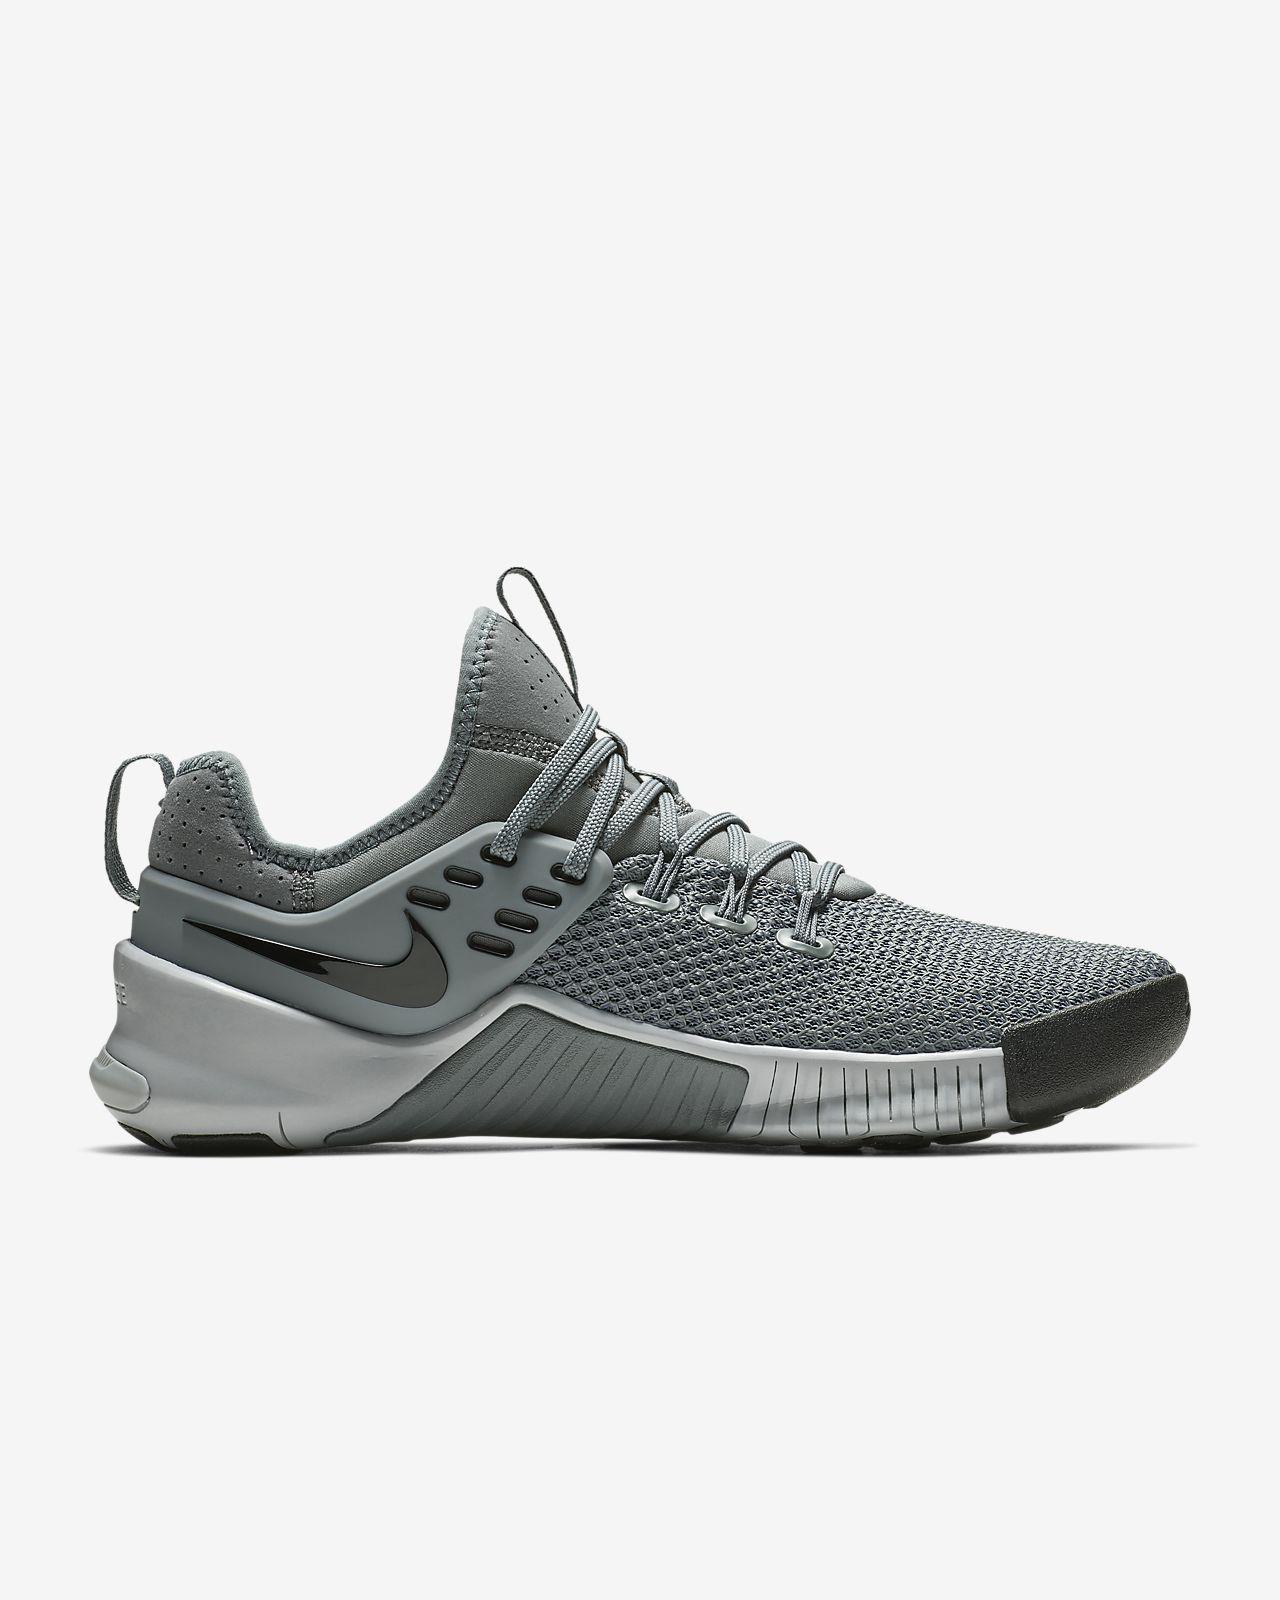 reputable site be32e b06e9 ... Nike Free x Metcon Schoen voor crosstraining en gewichtheffen